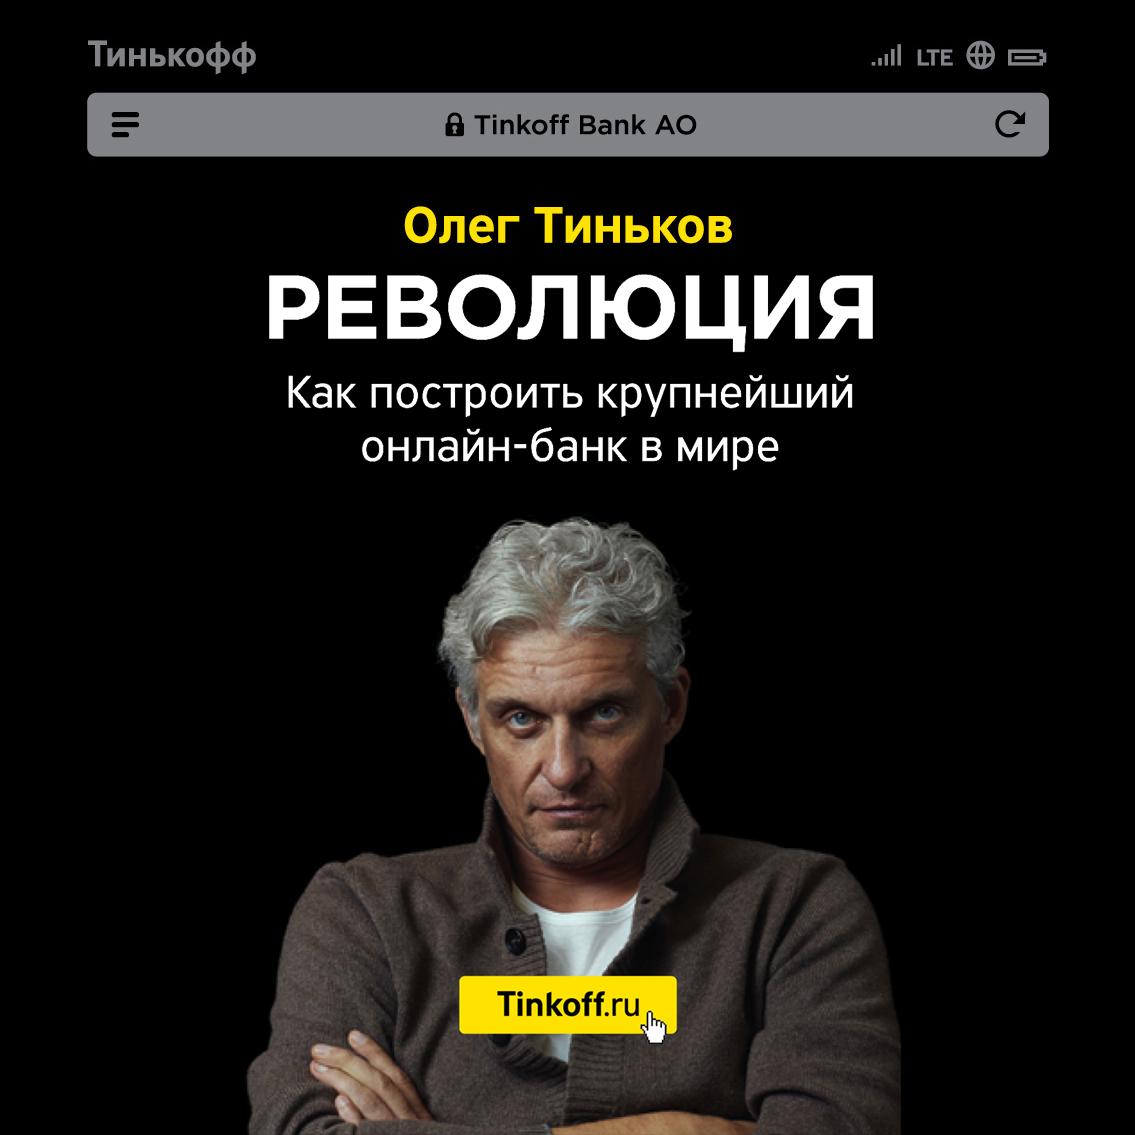 Олег Тиньков Революция. Как построить крупнейший онлайн-банк в мире